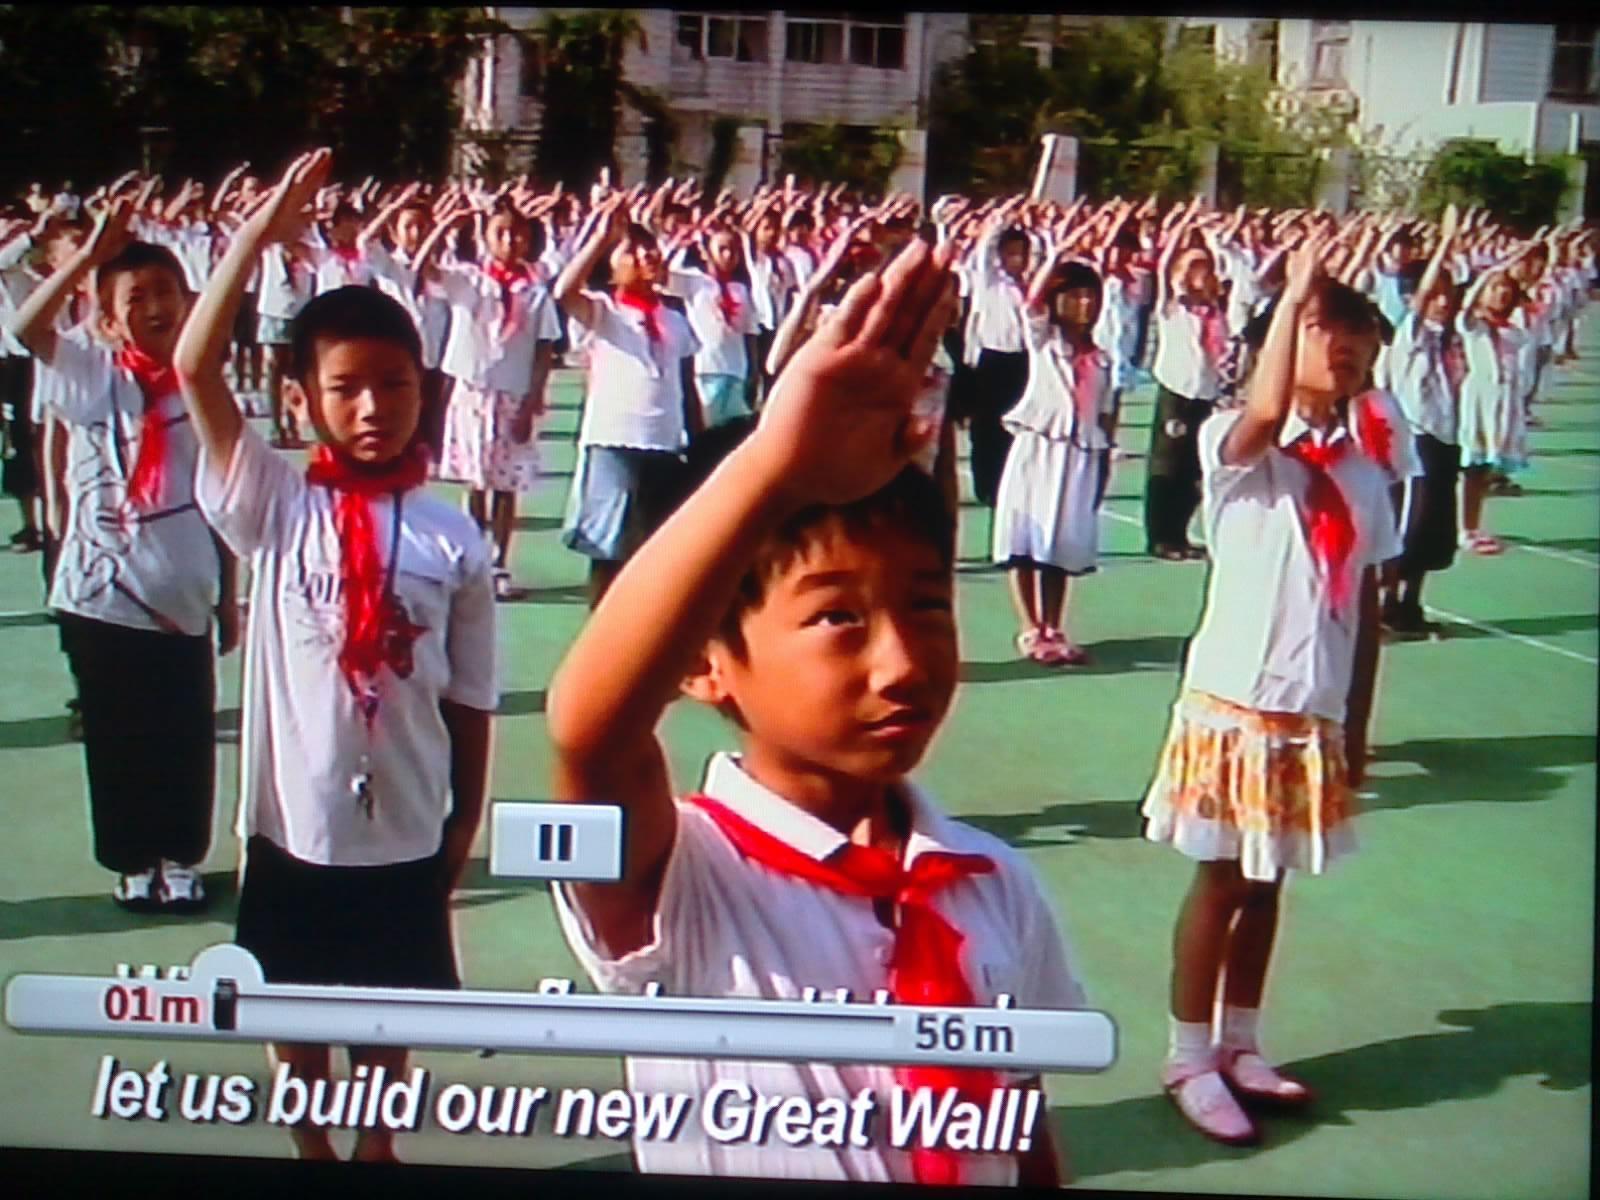 nazi-salute-china-rexcurrydotnet.JPG